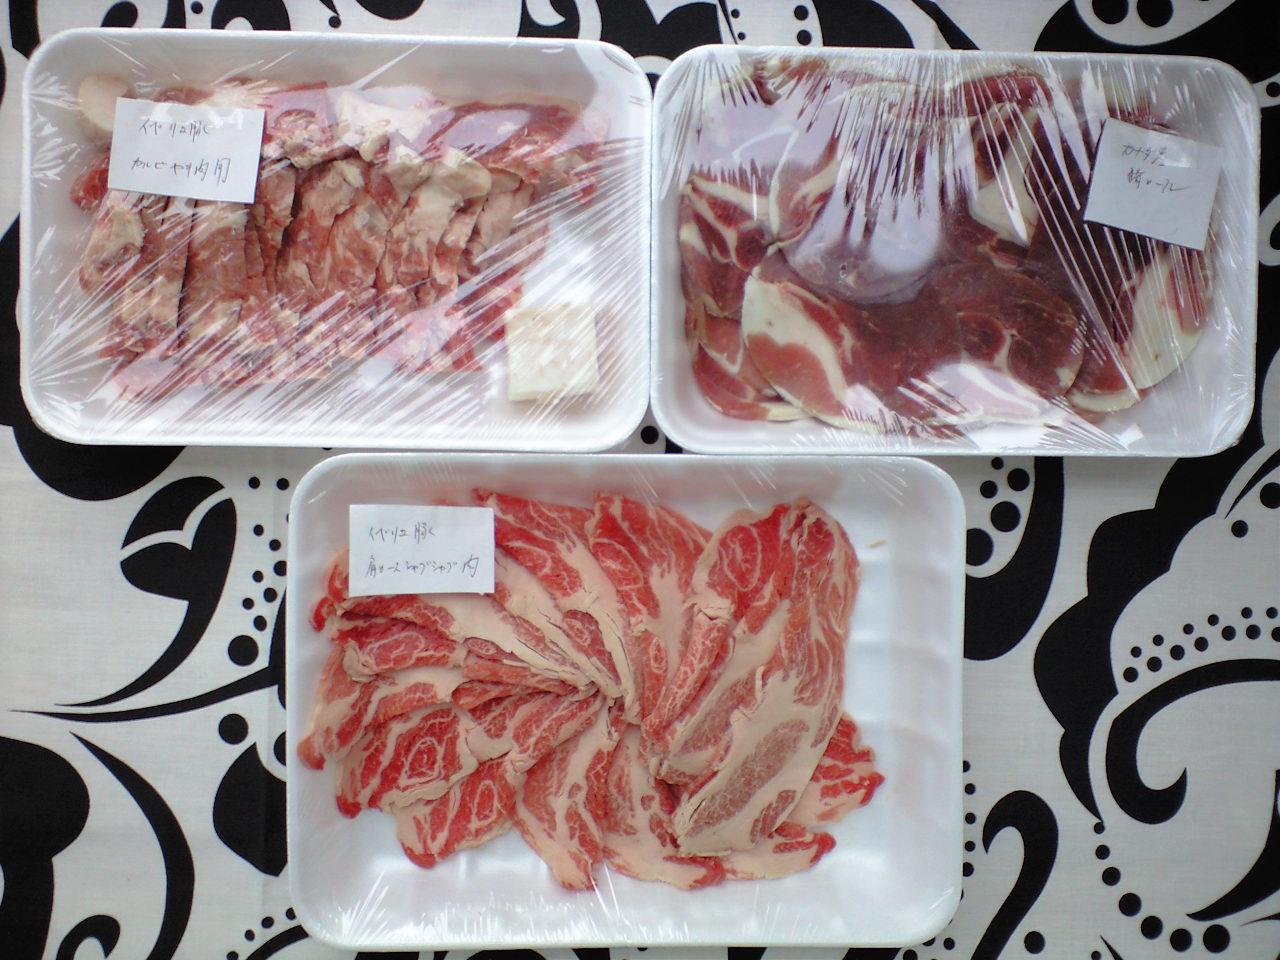 久本精肉店さんから3種類もお肉が届きましたよ!